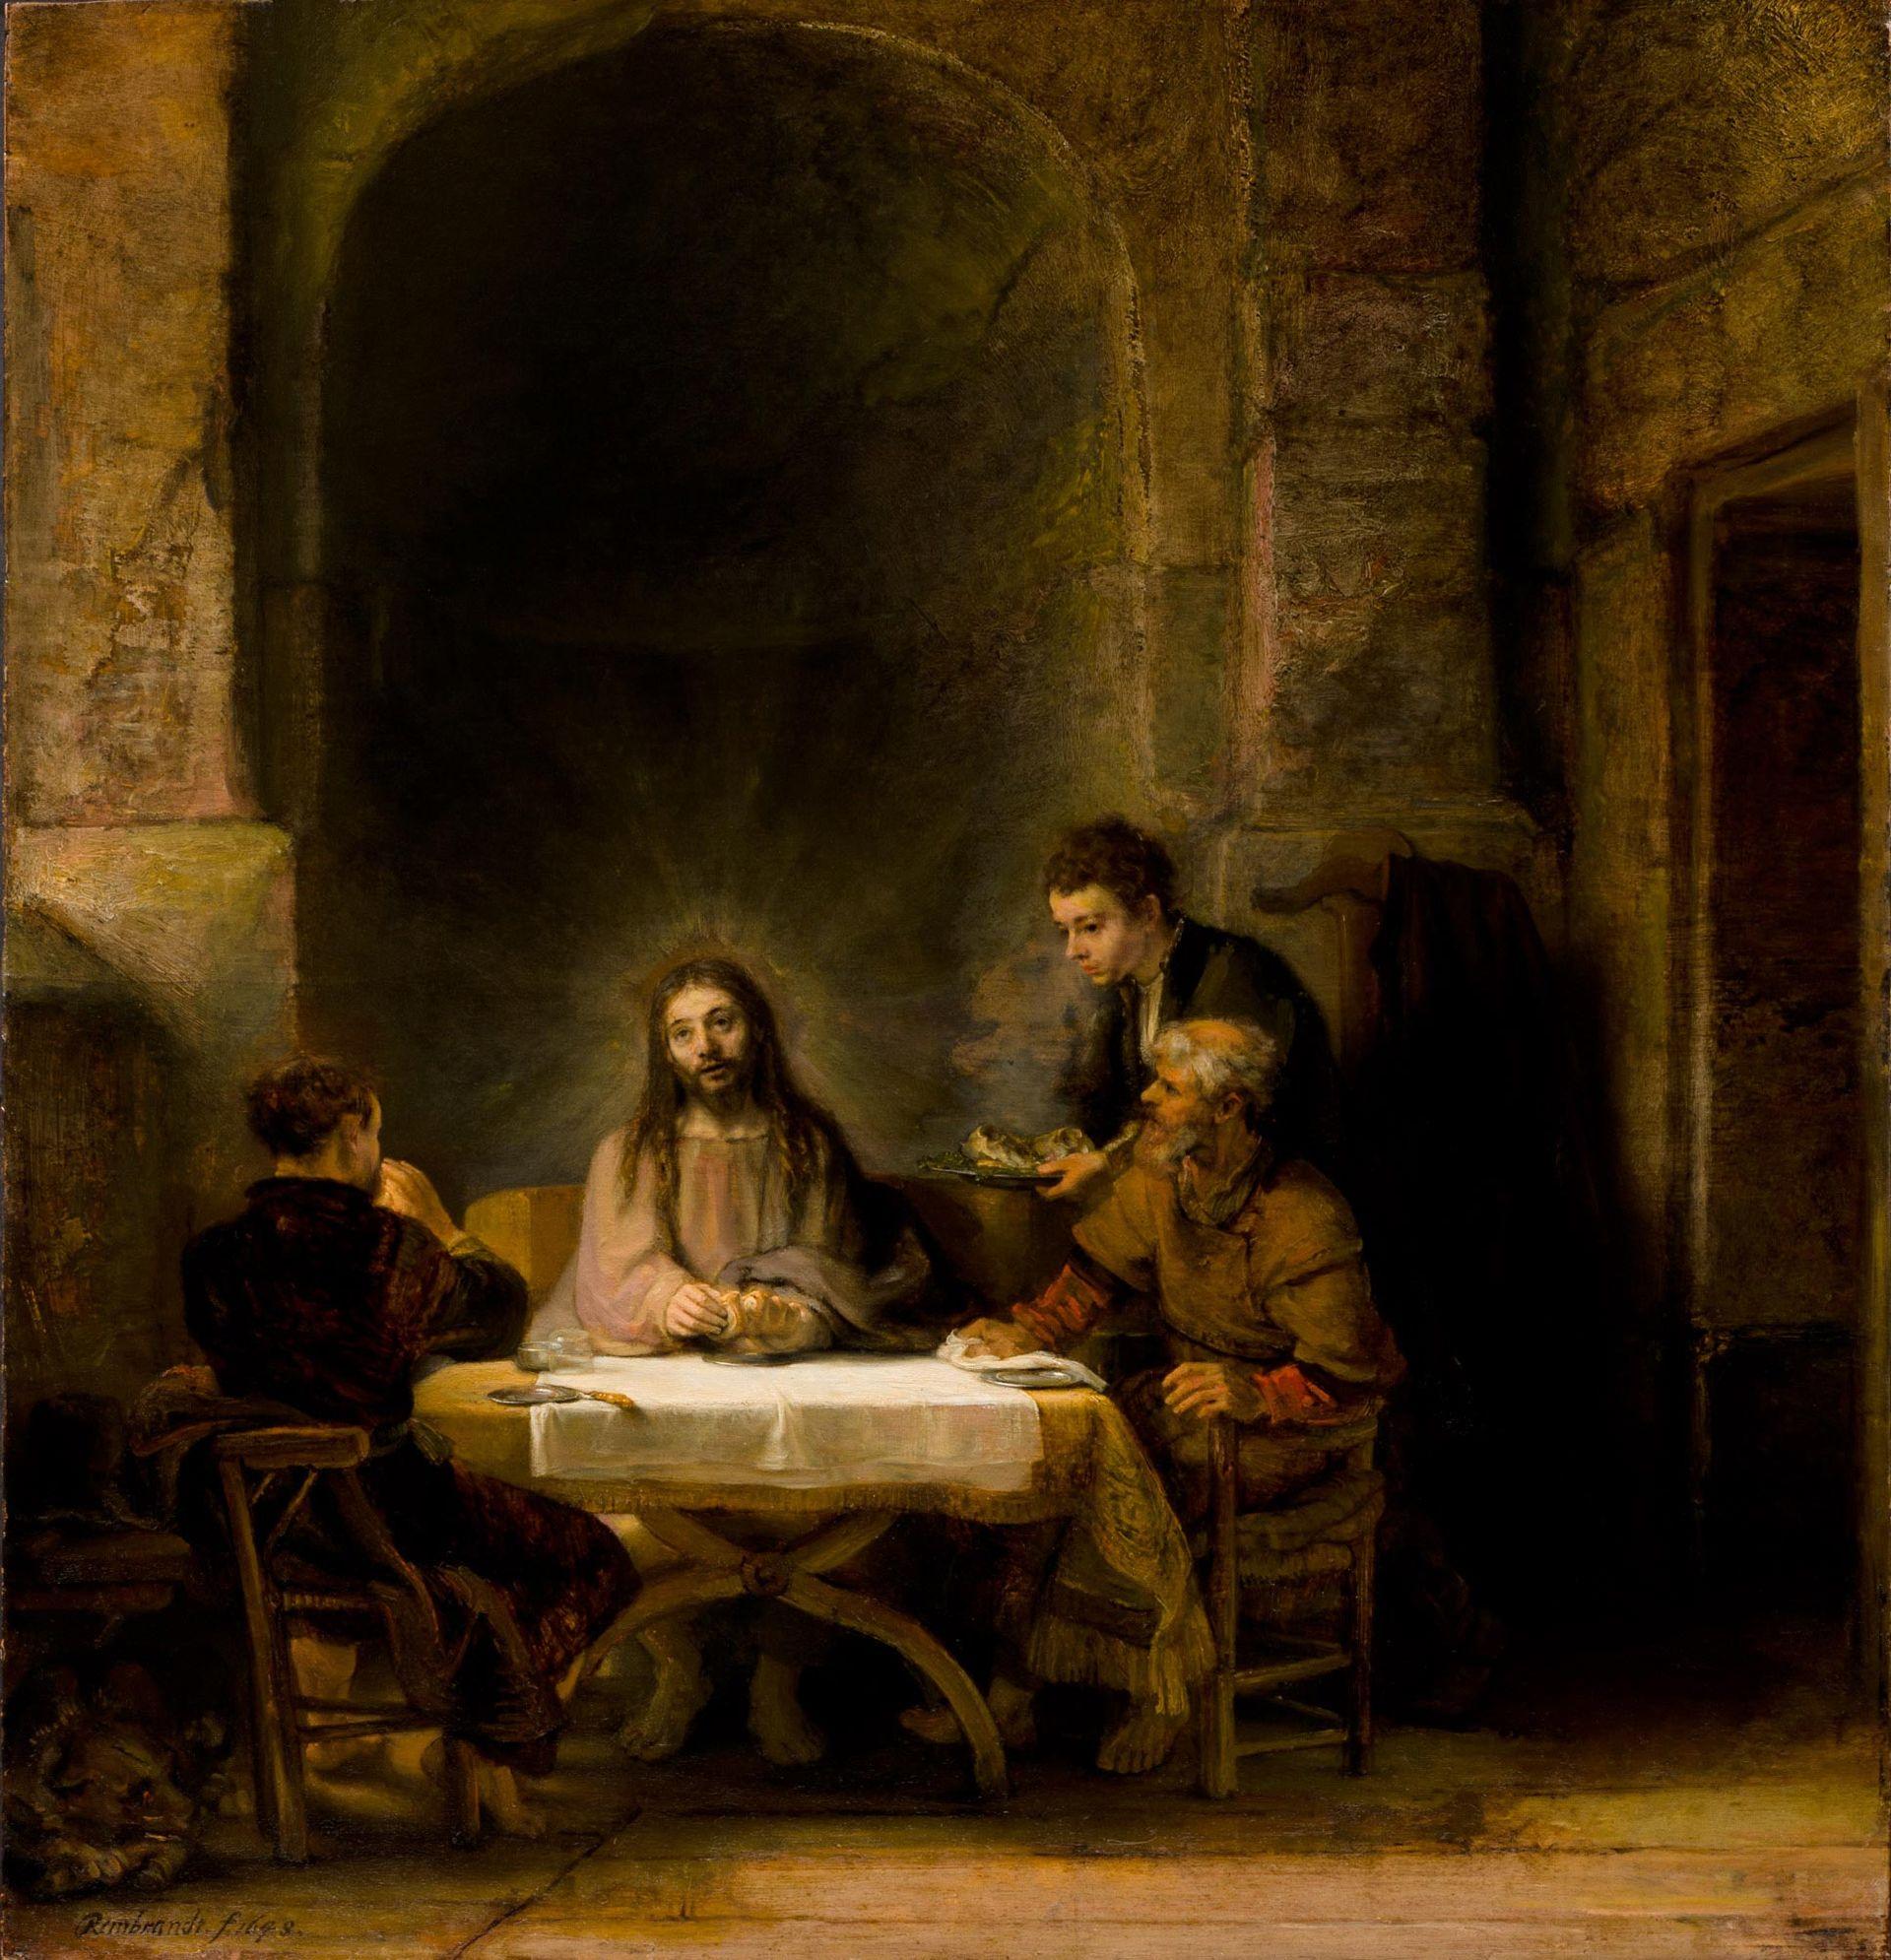 Rembrandt's Pilgrims at Emmaus has returned to the Musée du Louvre © 2010 Musée du Louvre / Philippe Fuzeau